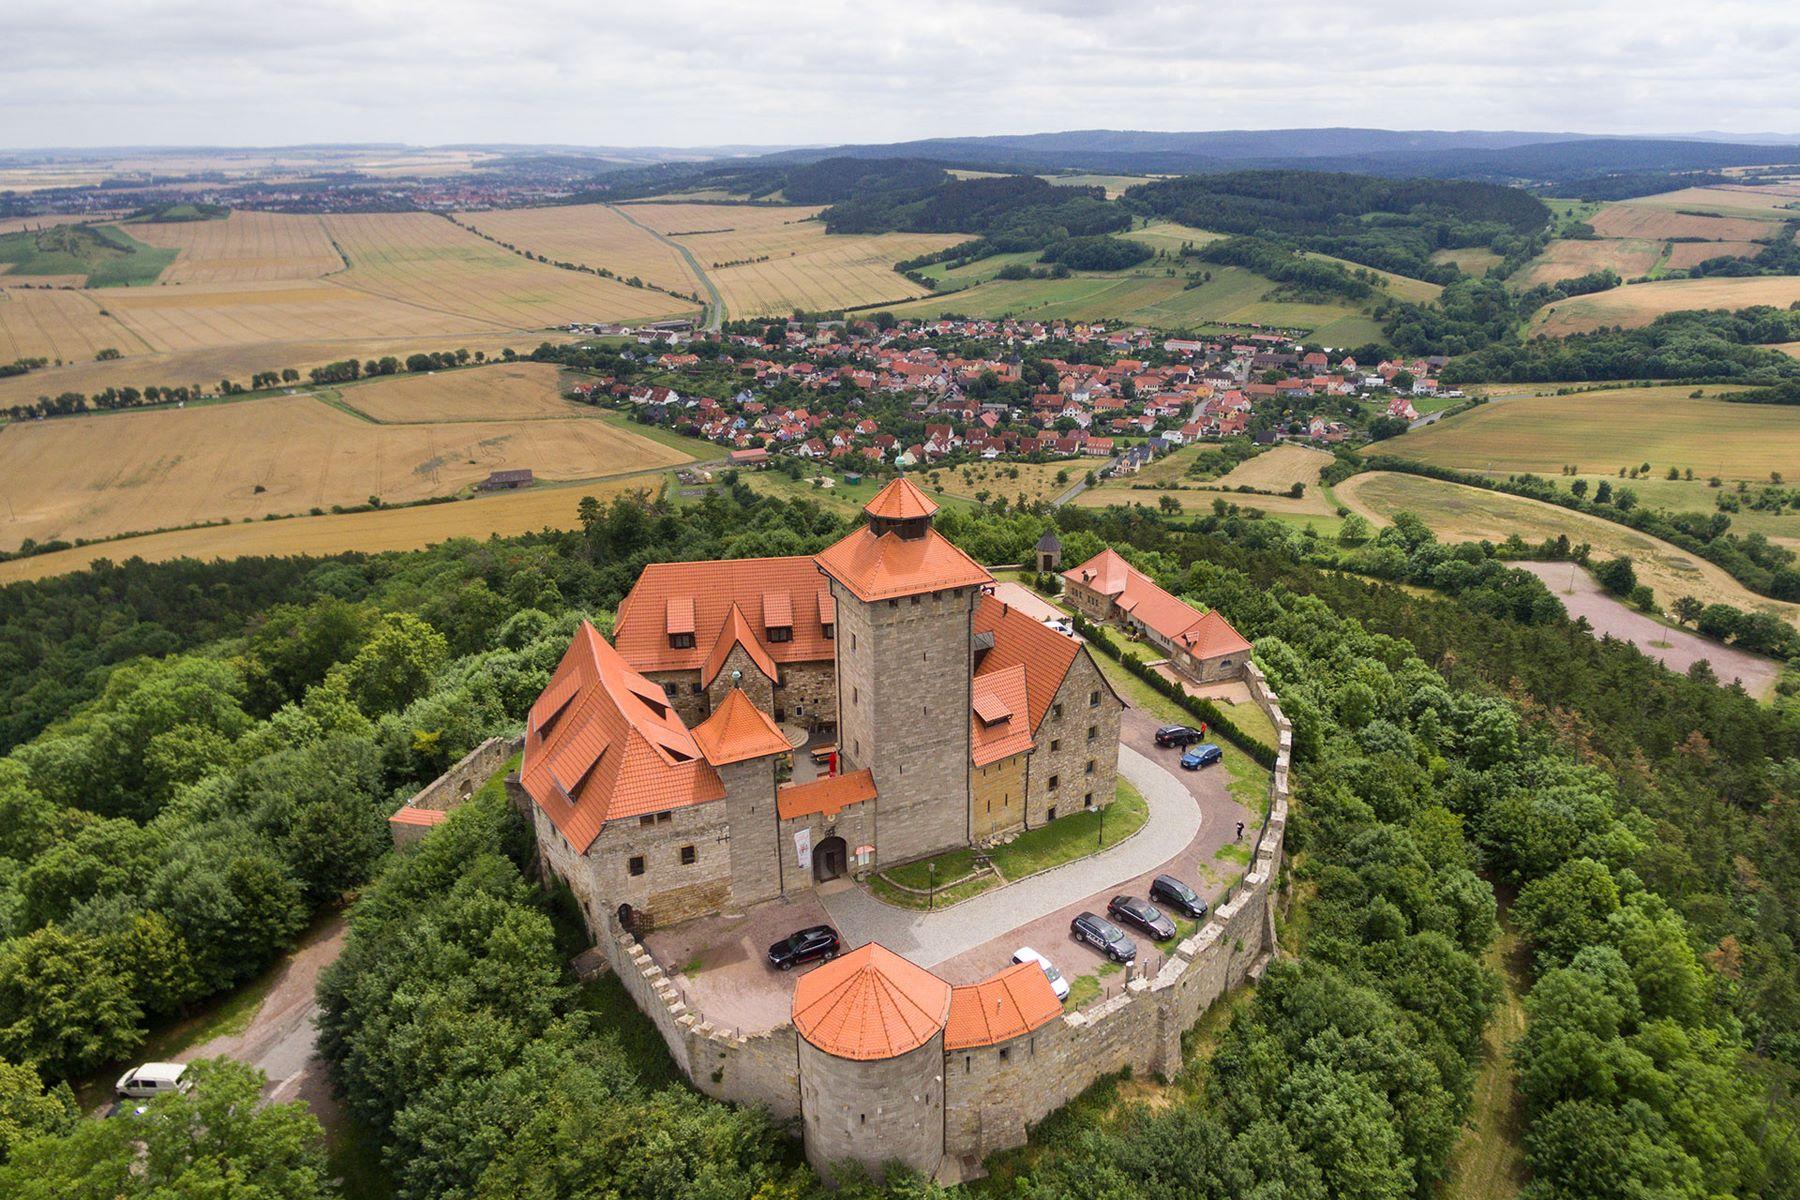 Maison unifamiliale pour l Vente à Wachsenburg Castle Thüringen Other Germany, Autres Régions D'Allemagne, 99310 Allemagne